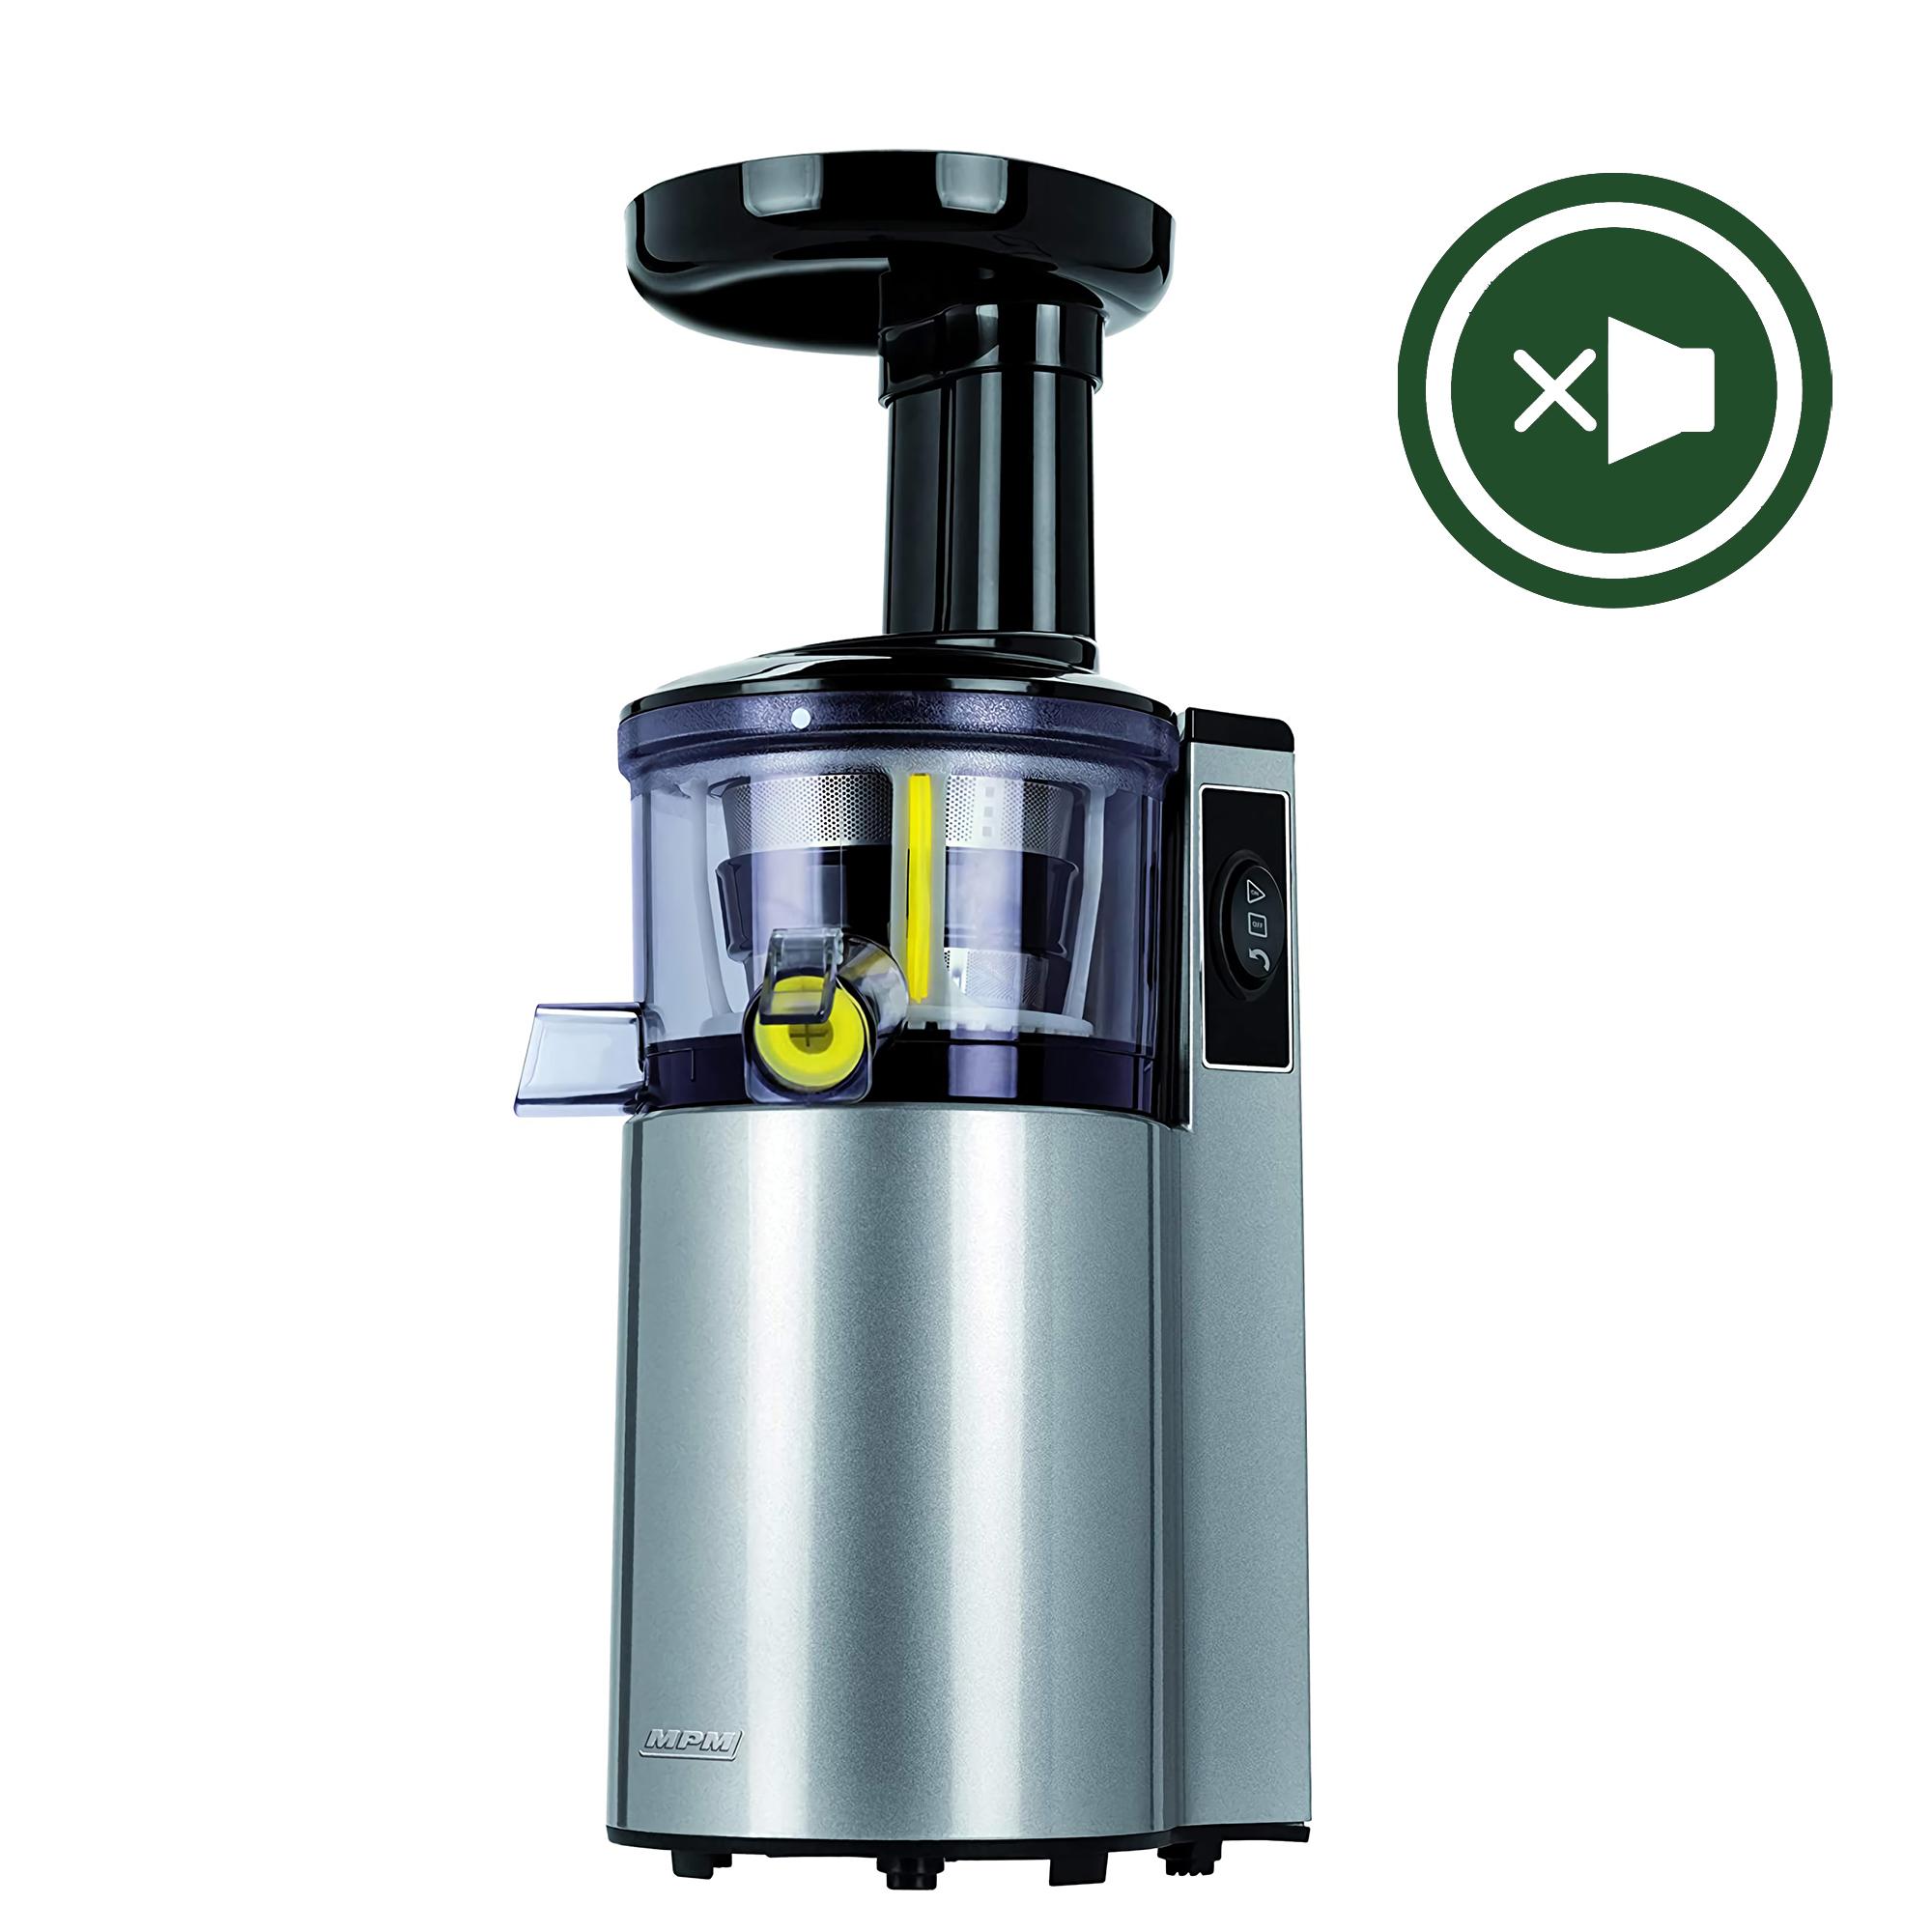 MPM MSO-14 Licuadora prensado en frío para verduras y frutas, baja velocidad 60RPM, Acero Inoxidable, Slow Juicer, boca ancha, función inversa, 150W